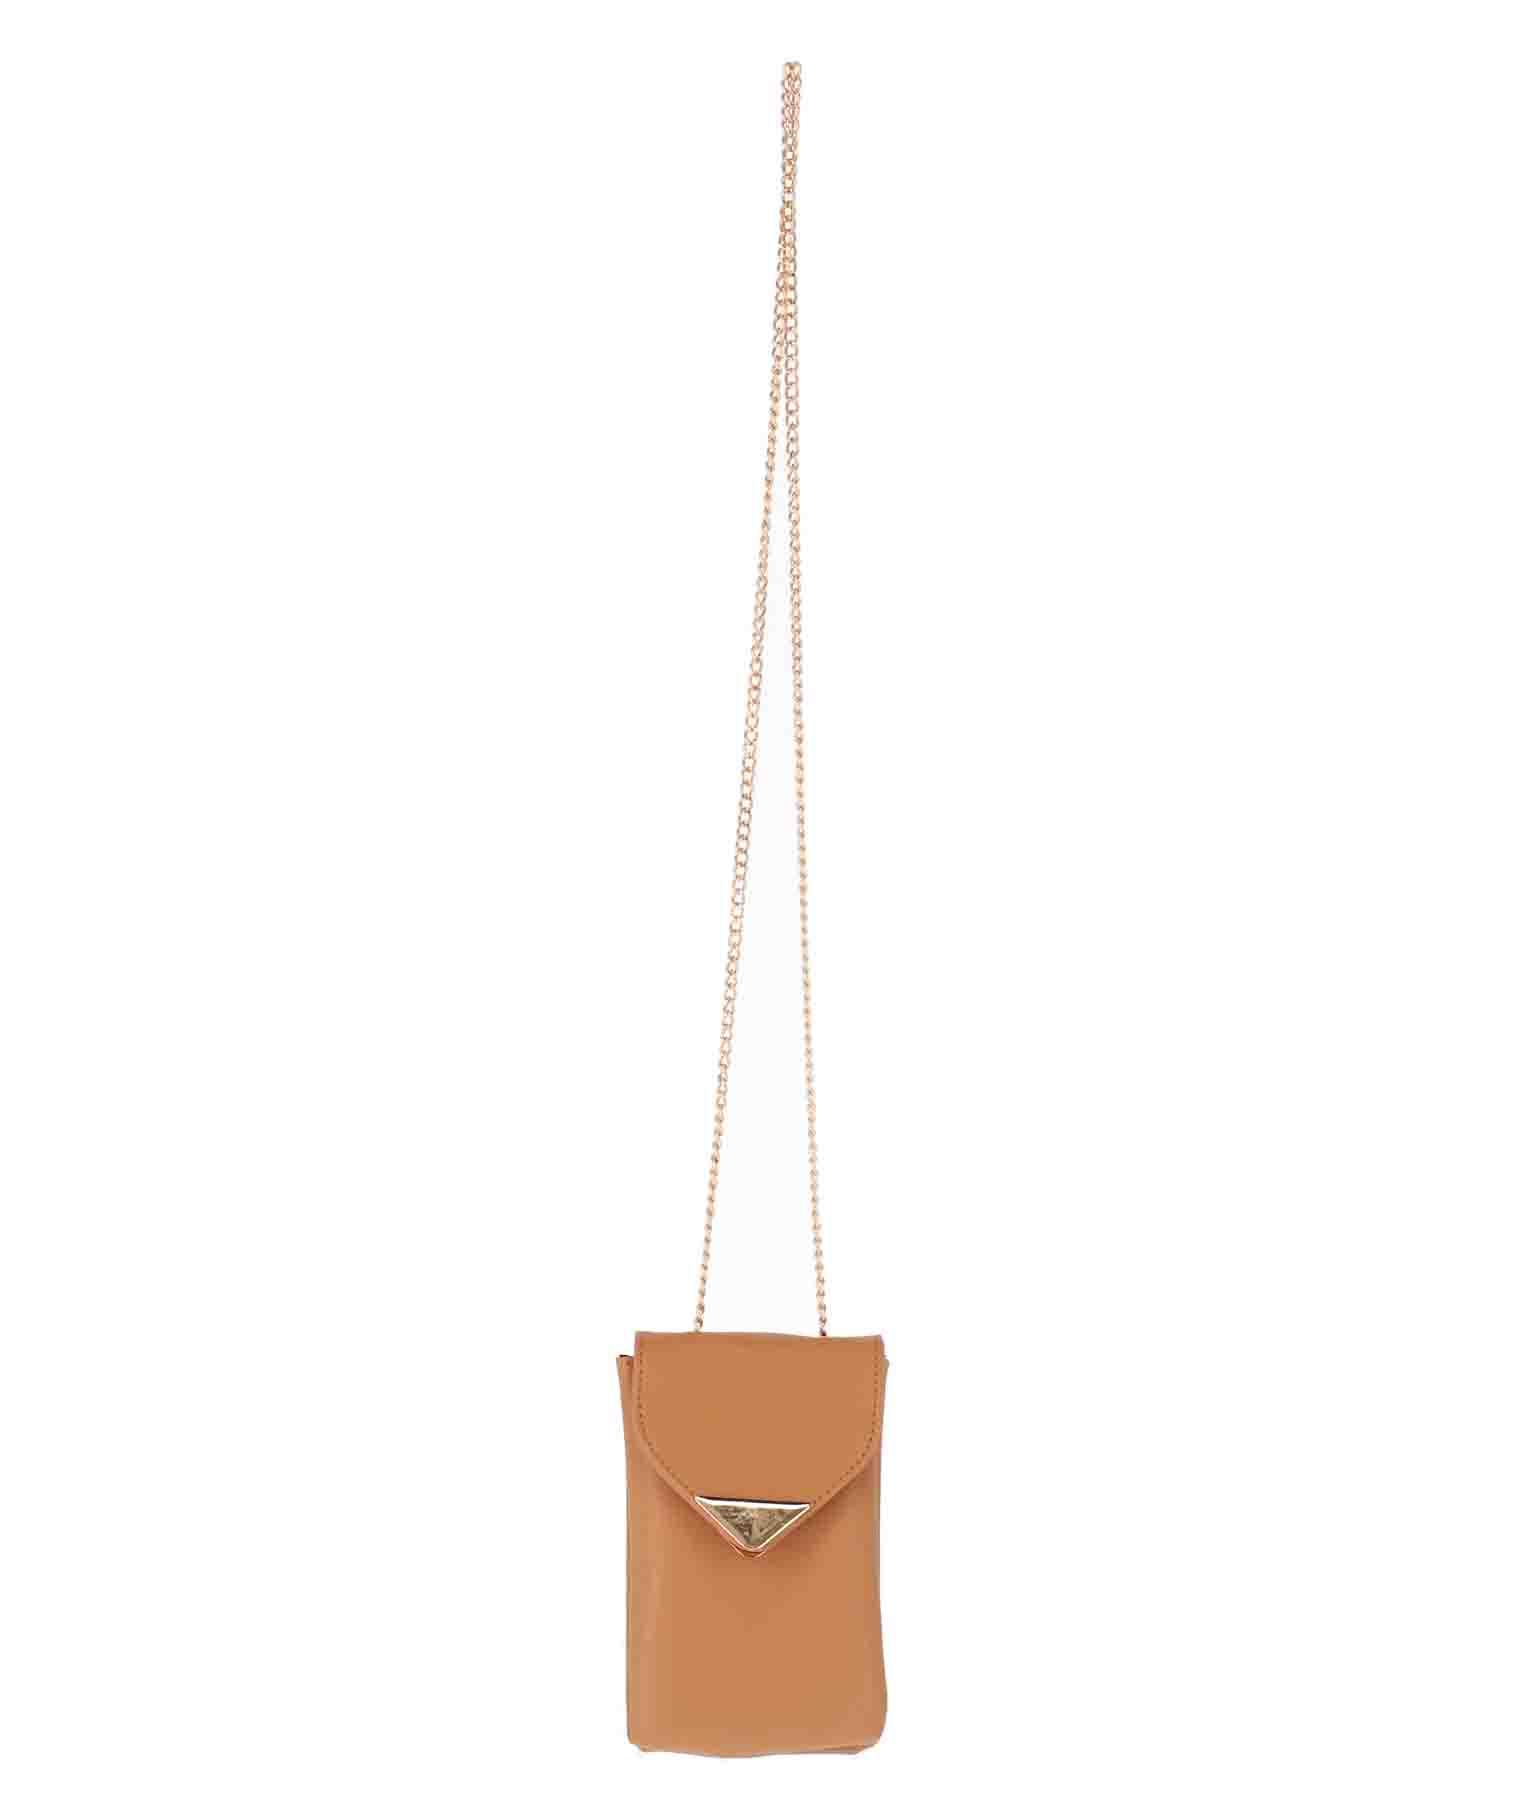 チェーン付きマルチミニバッグ(バッグ・鞄・小物/ショルダーポシェット)   ANAP